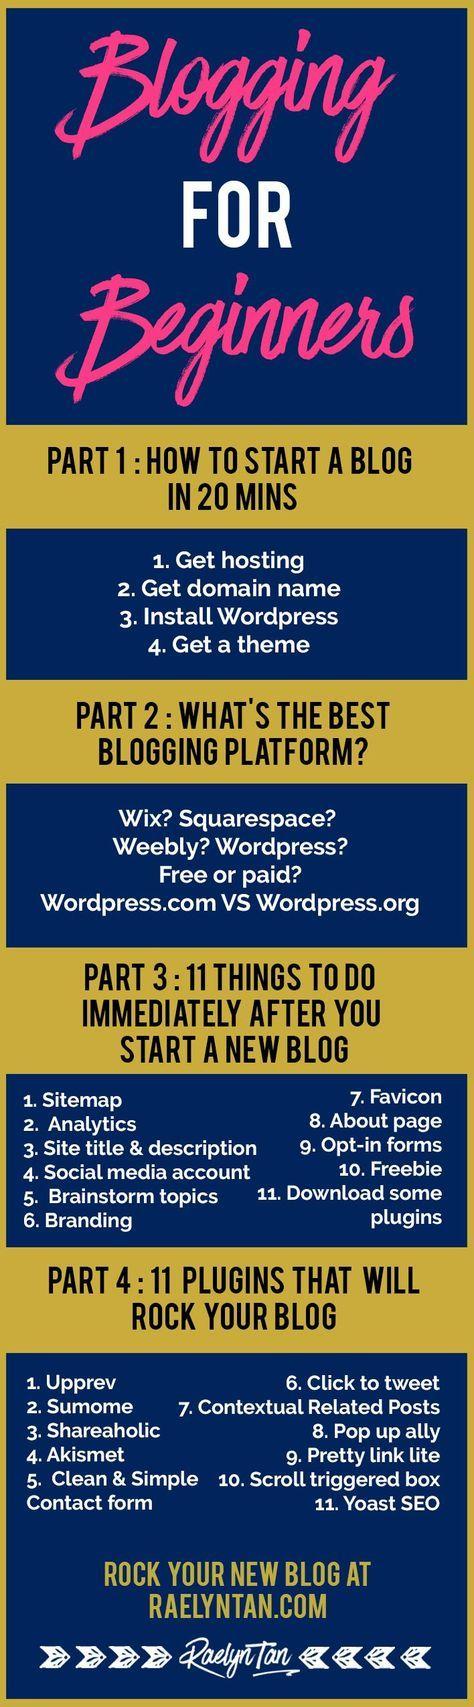 Bloggen für Anfänger: So starten Sie ein Blog in 20 Minuten